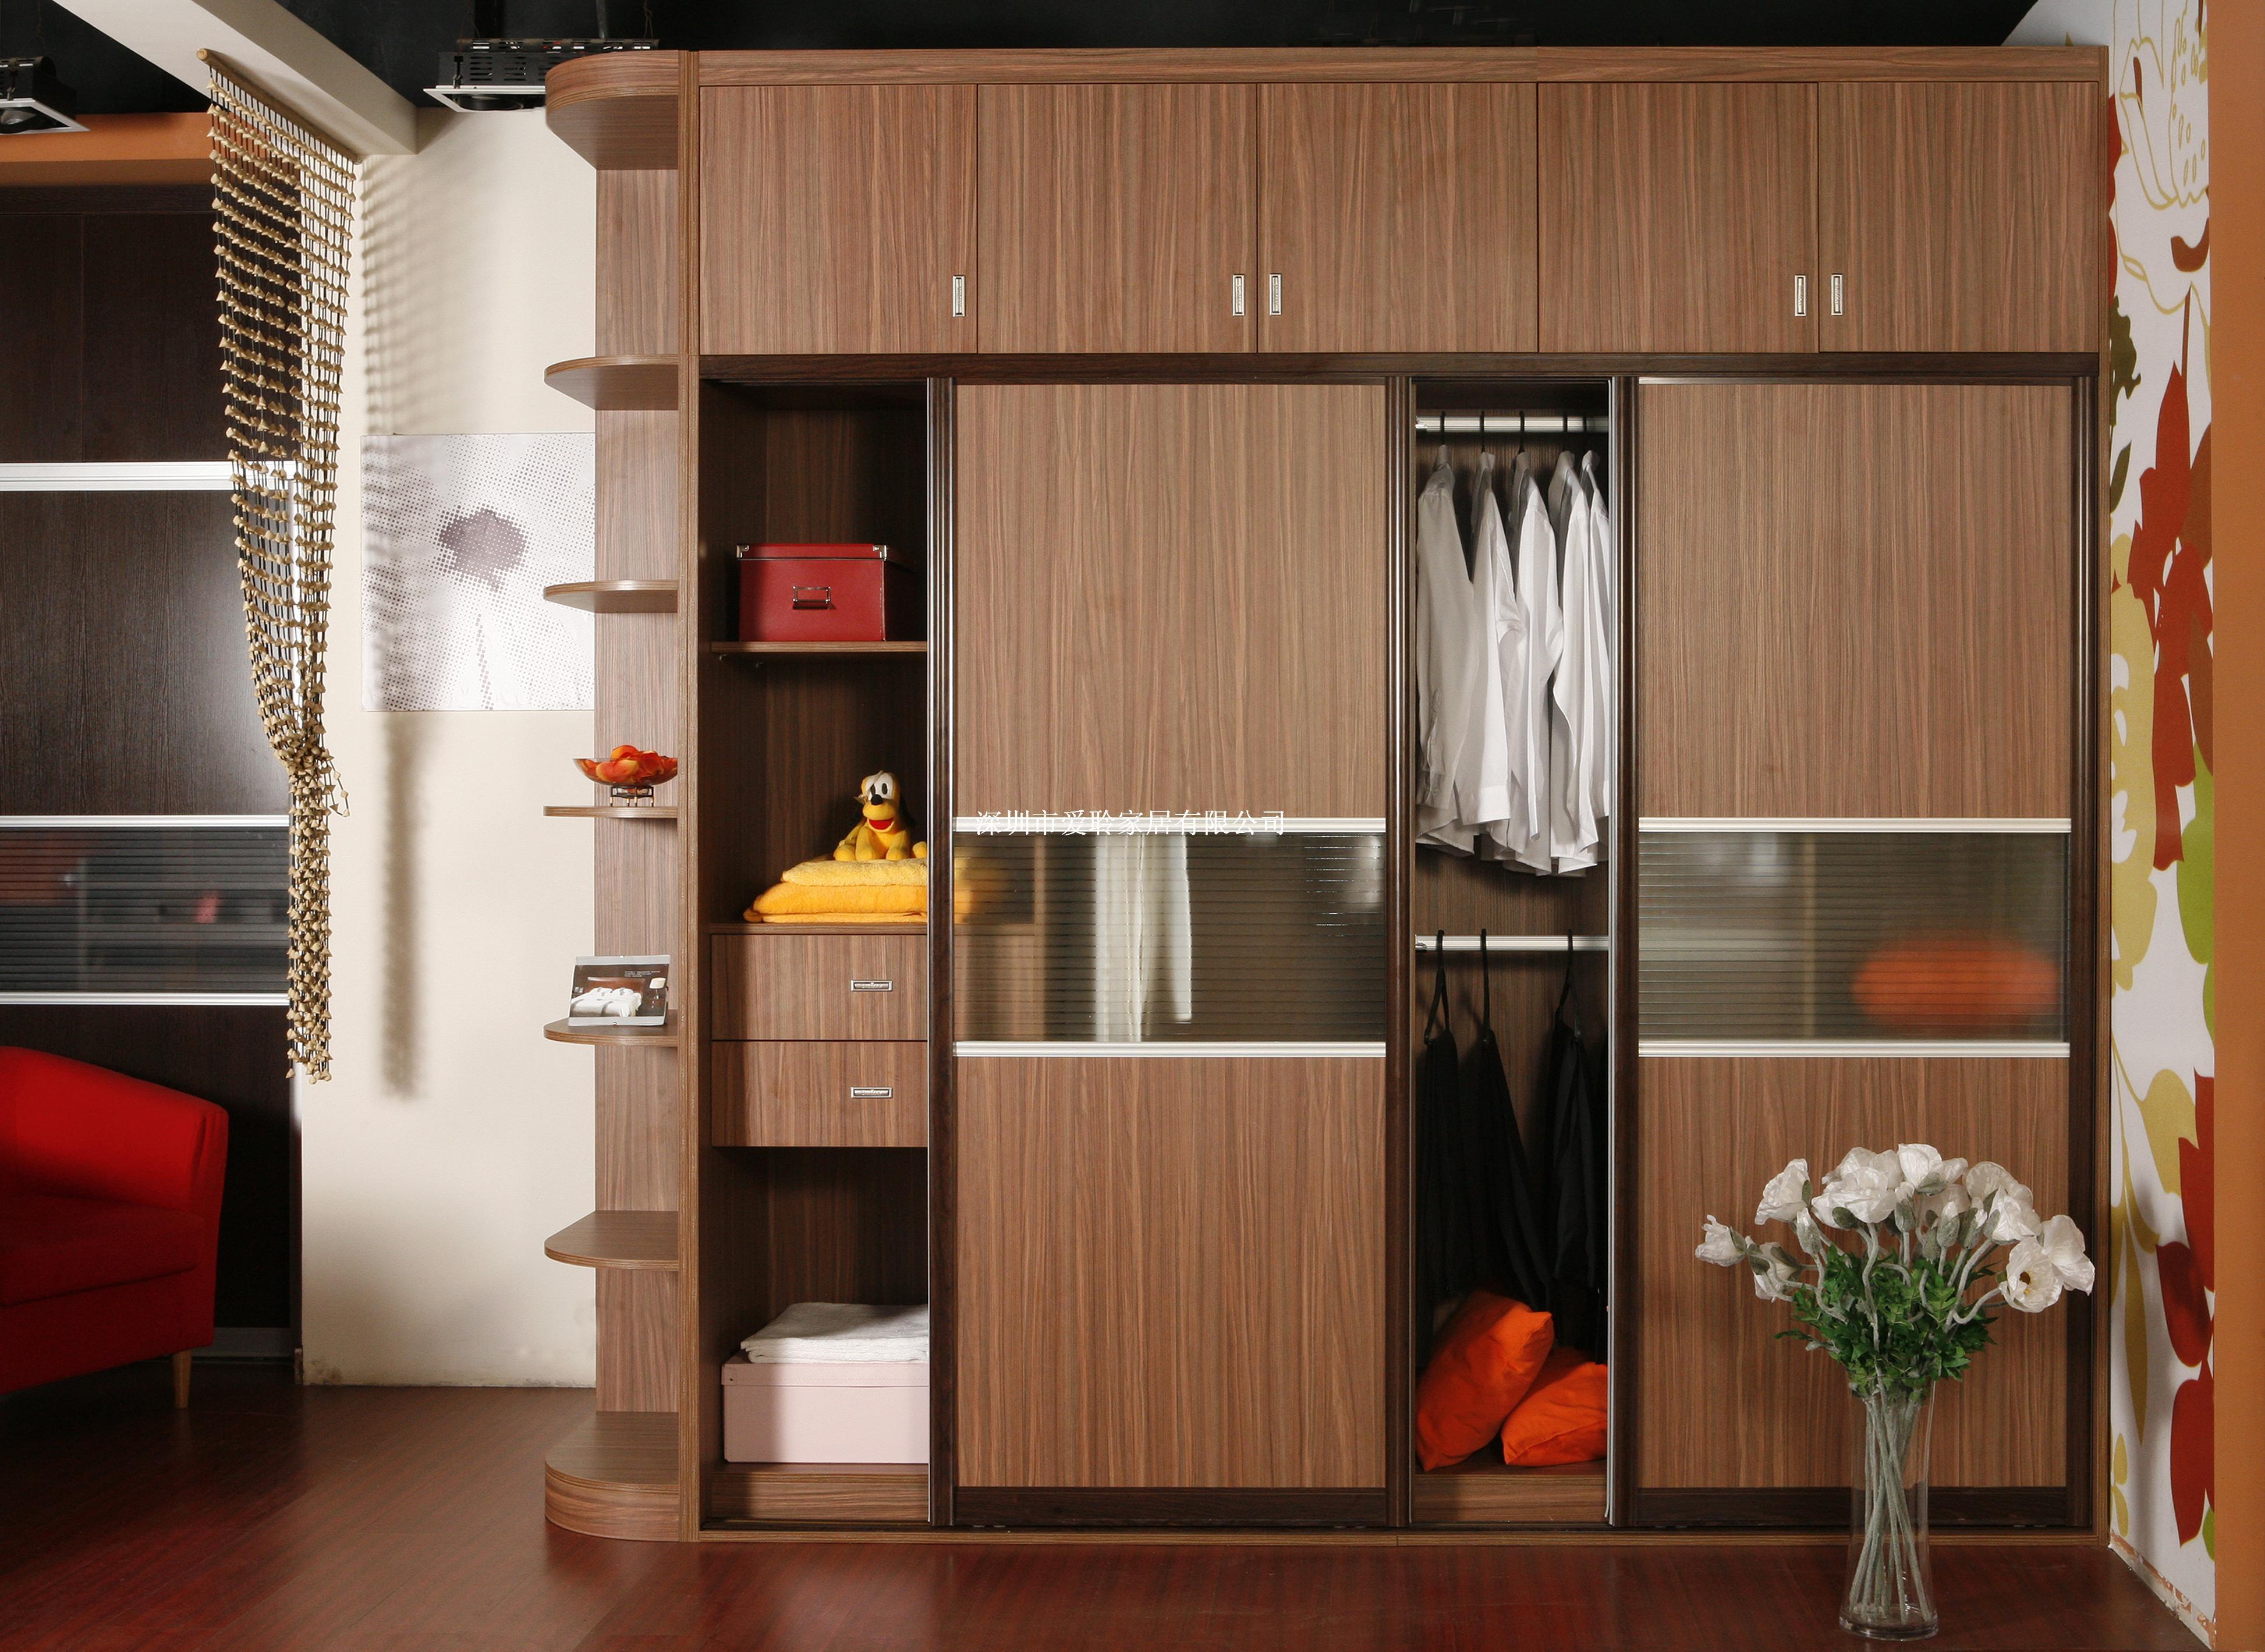 2,衣柜镜子切勿正对床铺       衣柜一般都是非常大的,而且